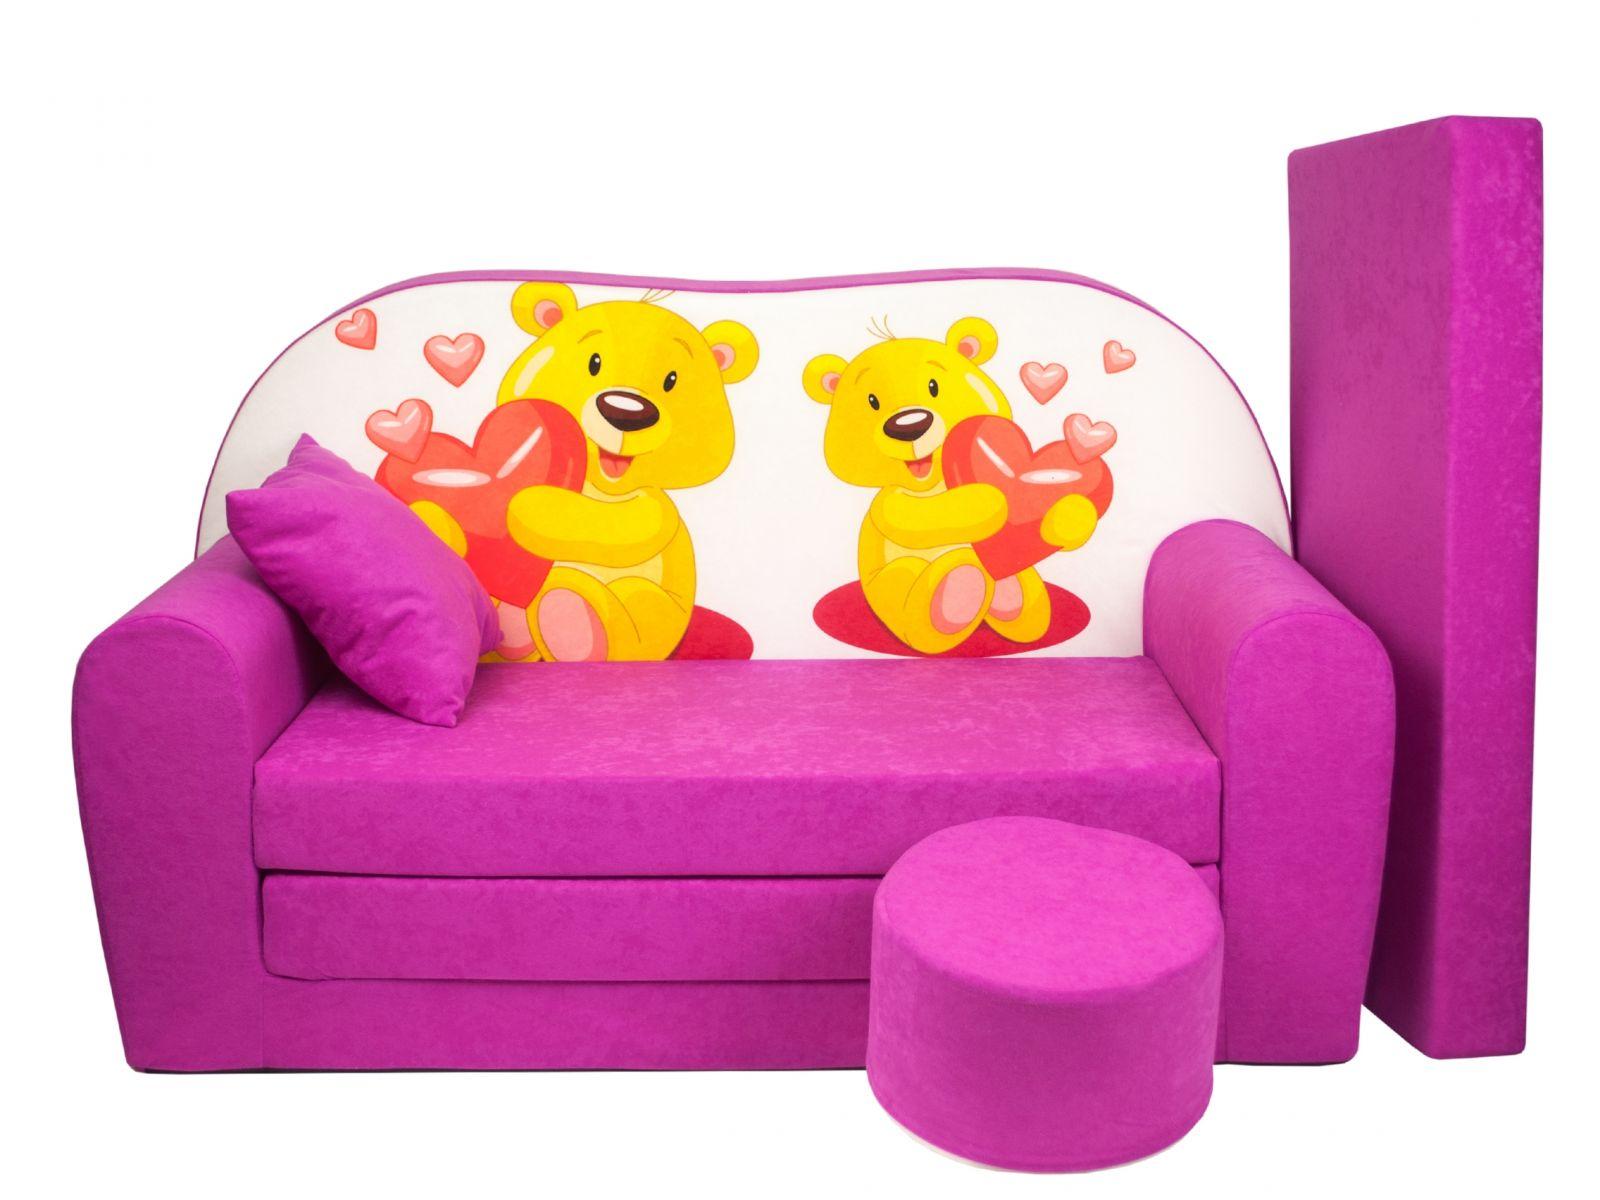 Fimex Dětská rozkládací pohovka + taburet Medvídci růžová